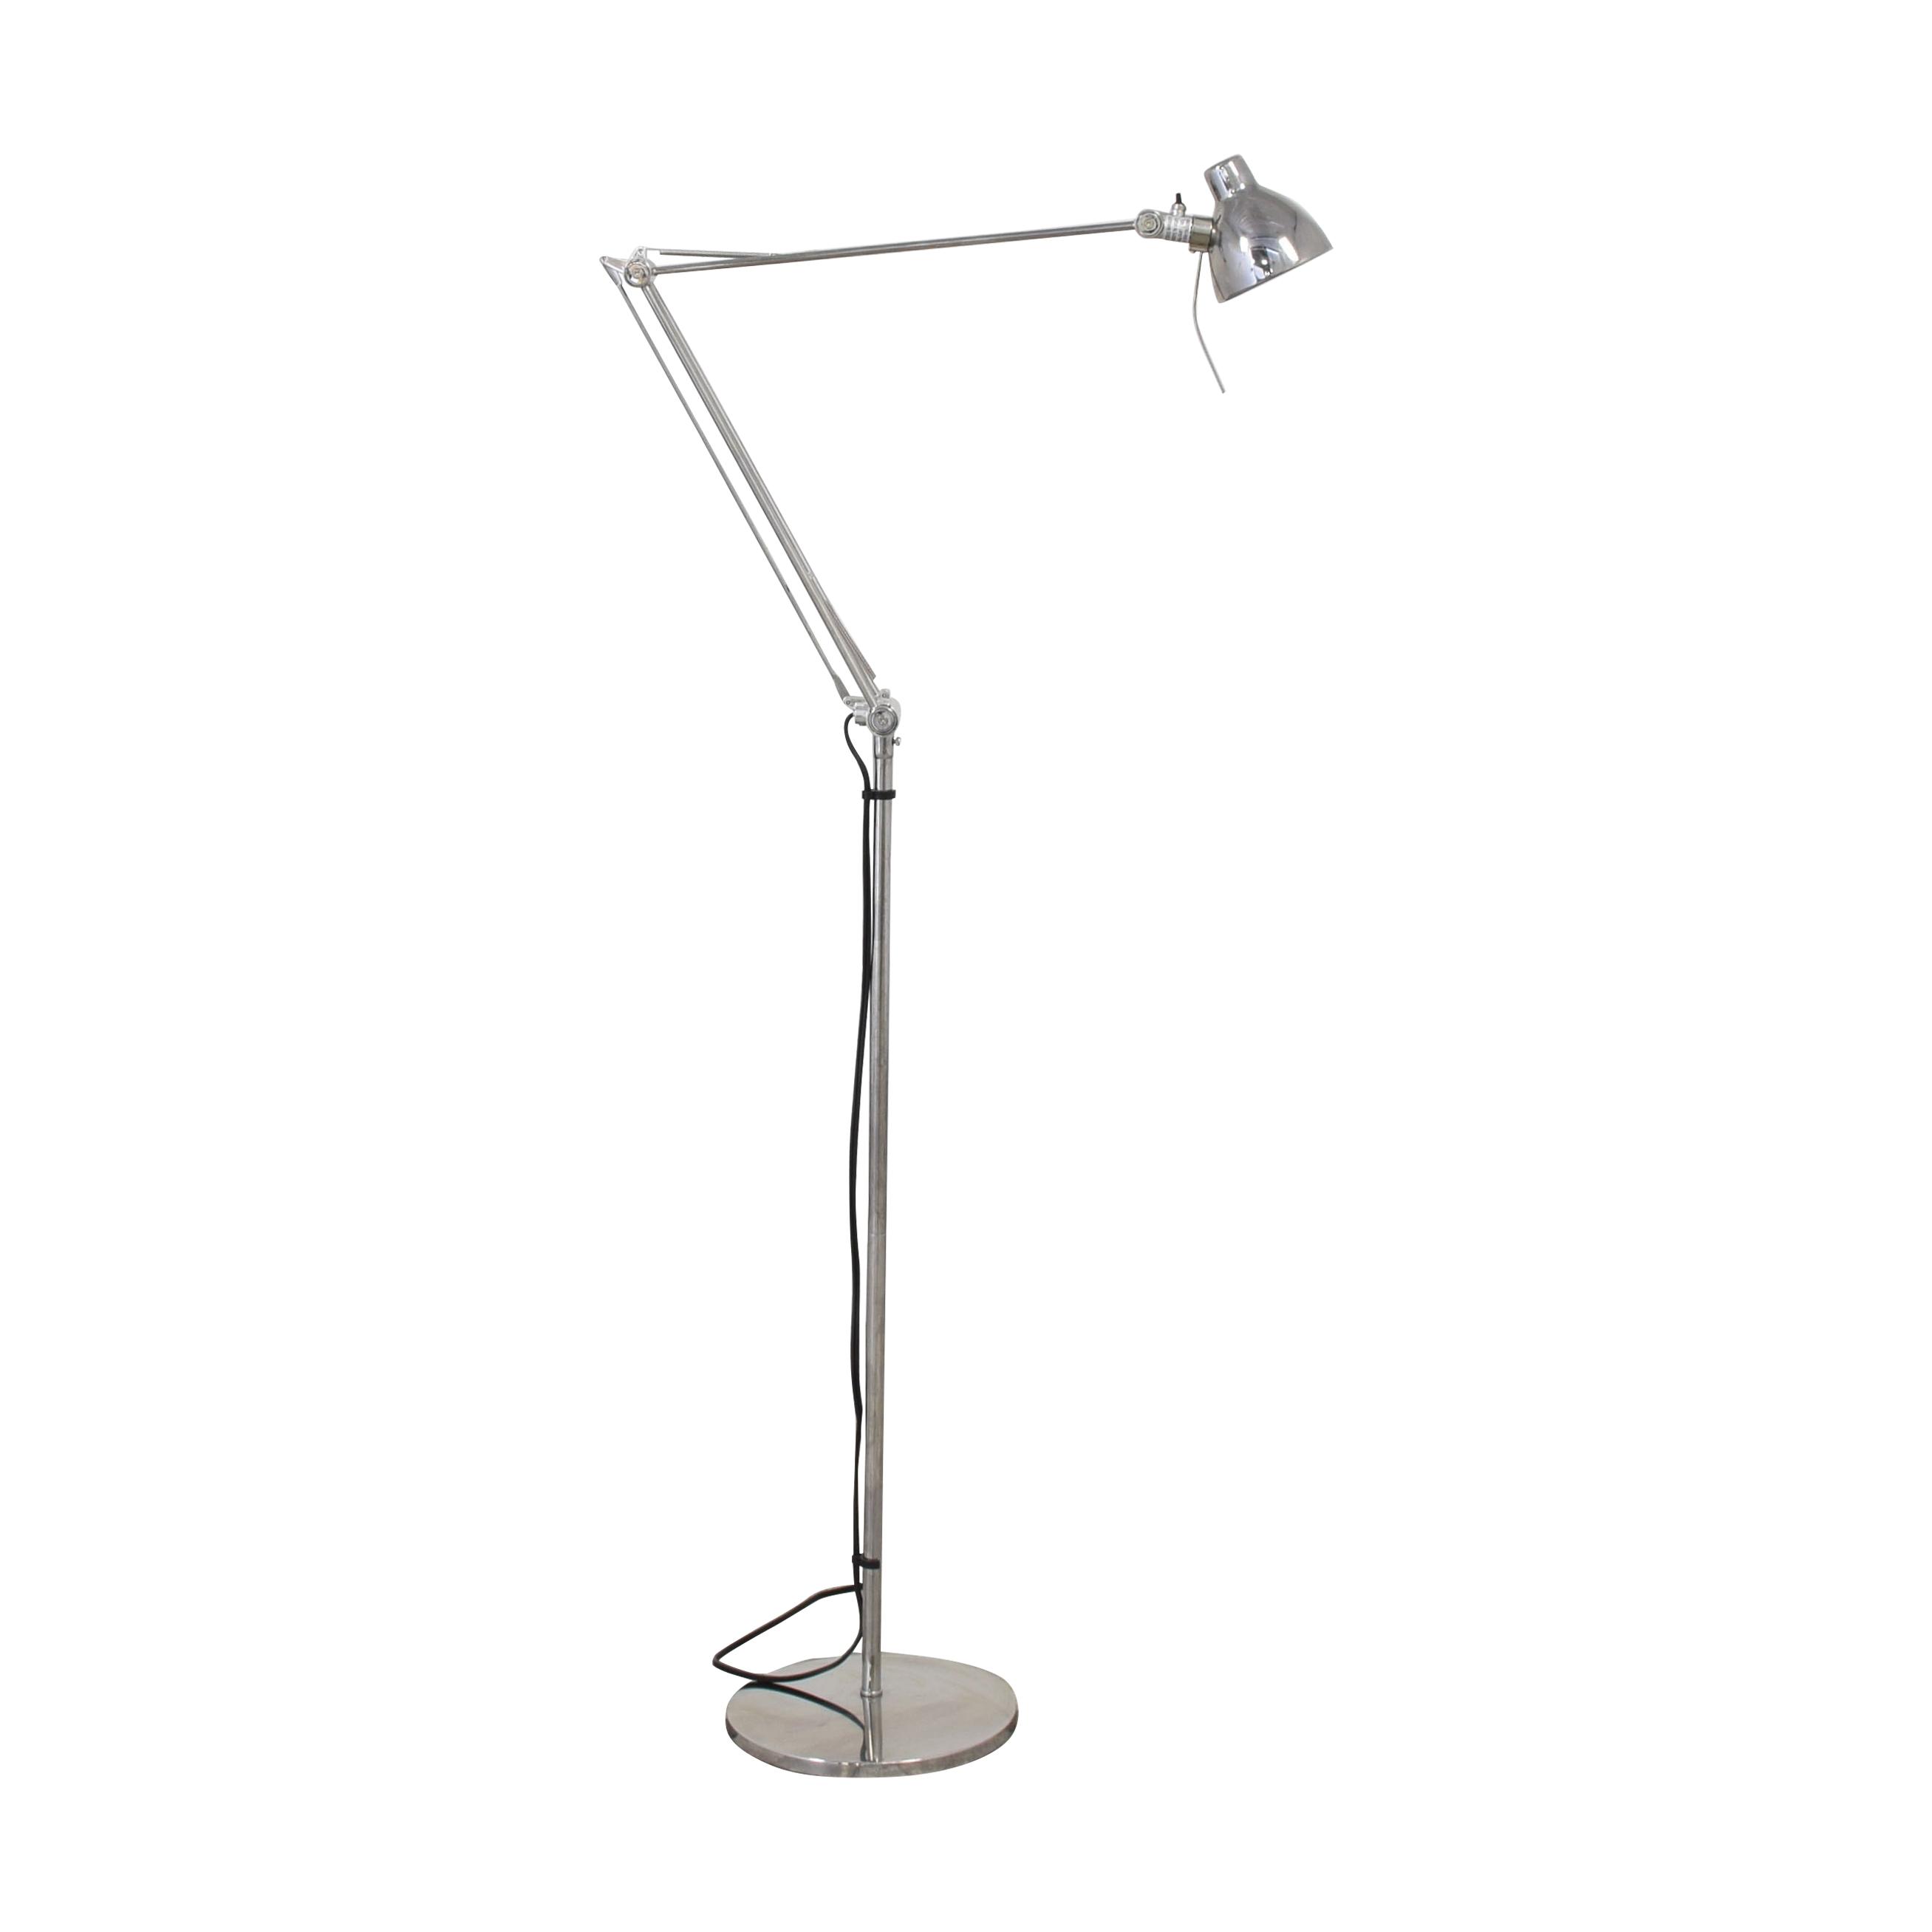 IKEA Chrome Extendable Floor Lamp / Decor